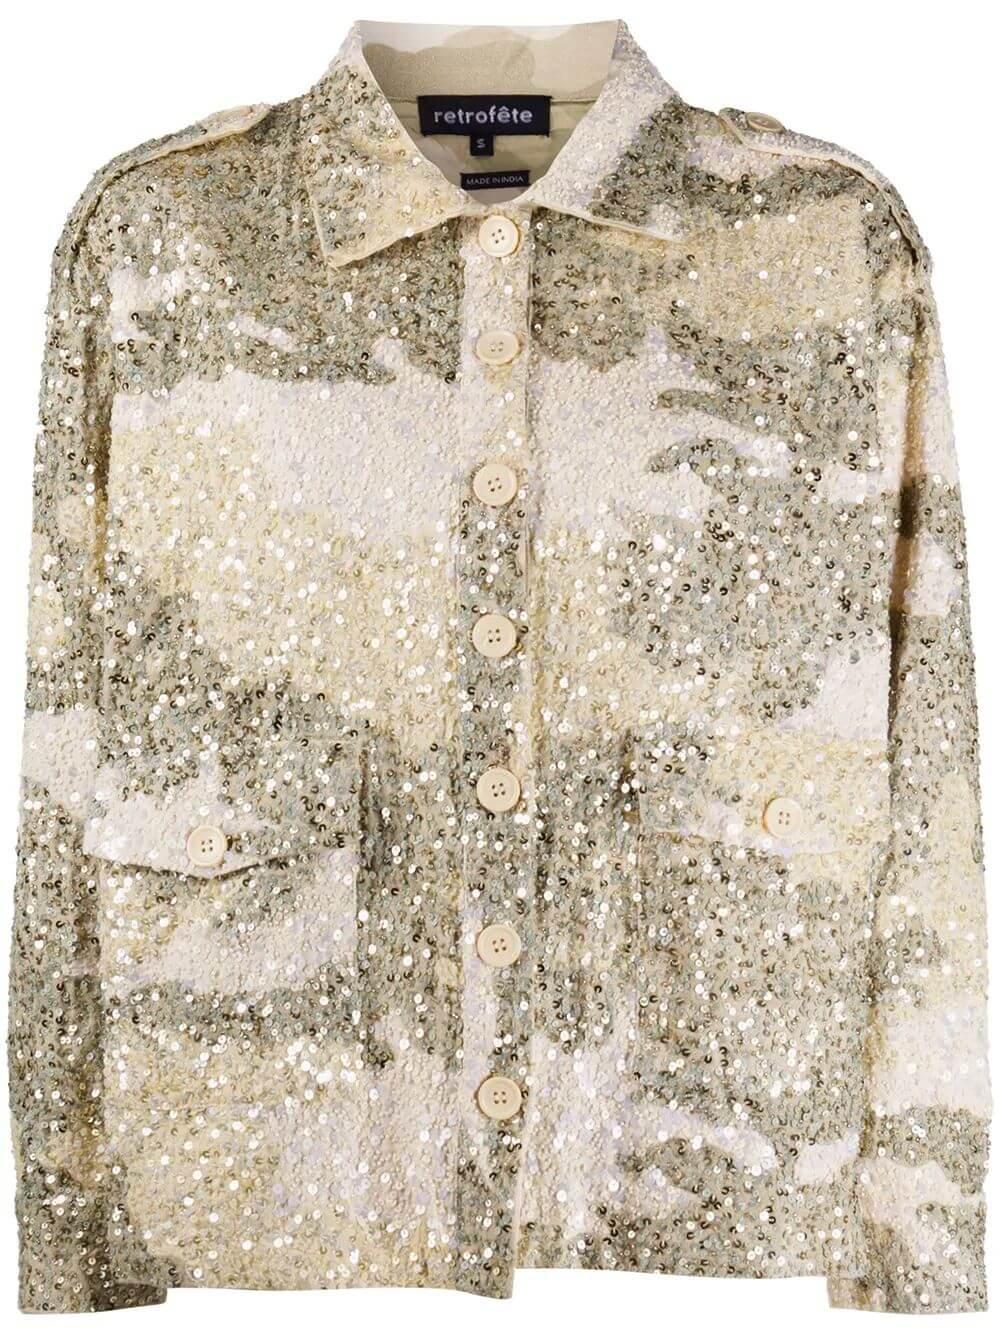 Idan Sequin Camo Jacket